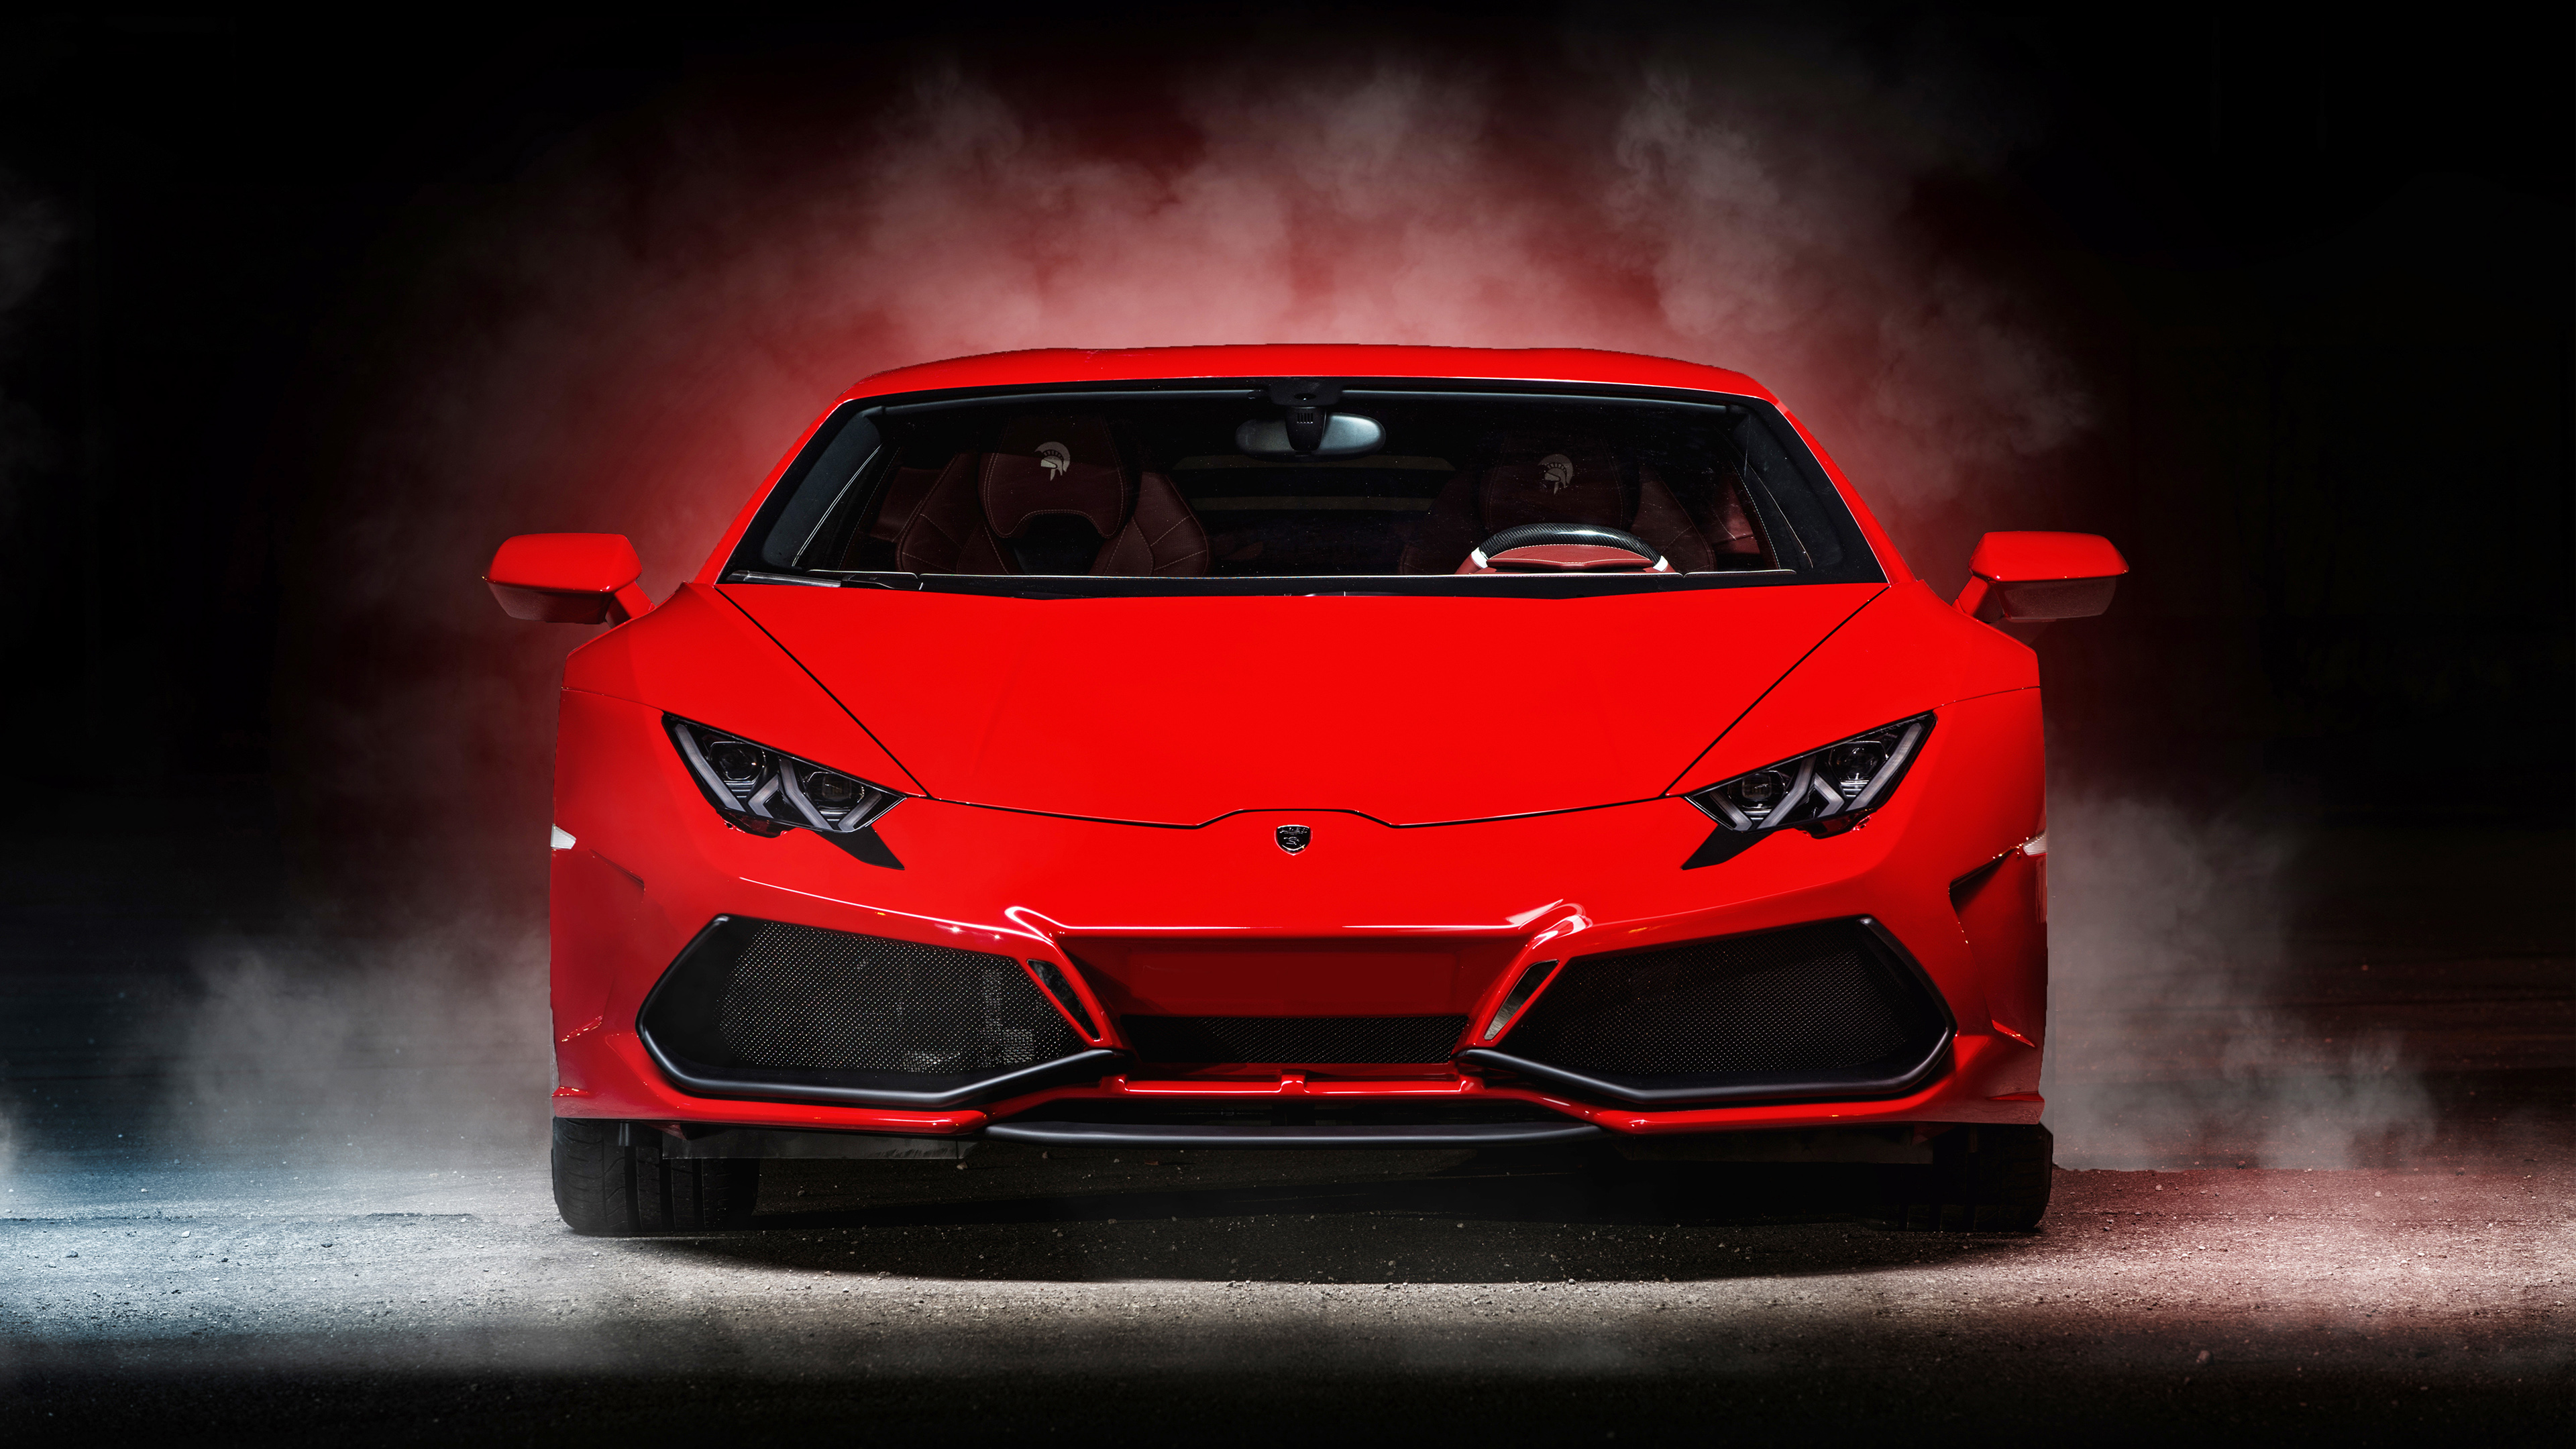 2015 Ares Design Lamborghini Huracan Wallpapers: 2015 Ares Design Lamborghini Huracan Wallpaper